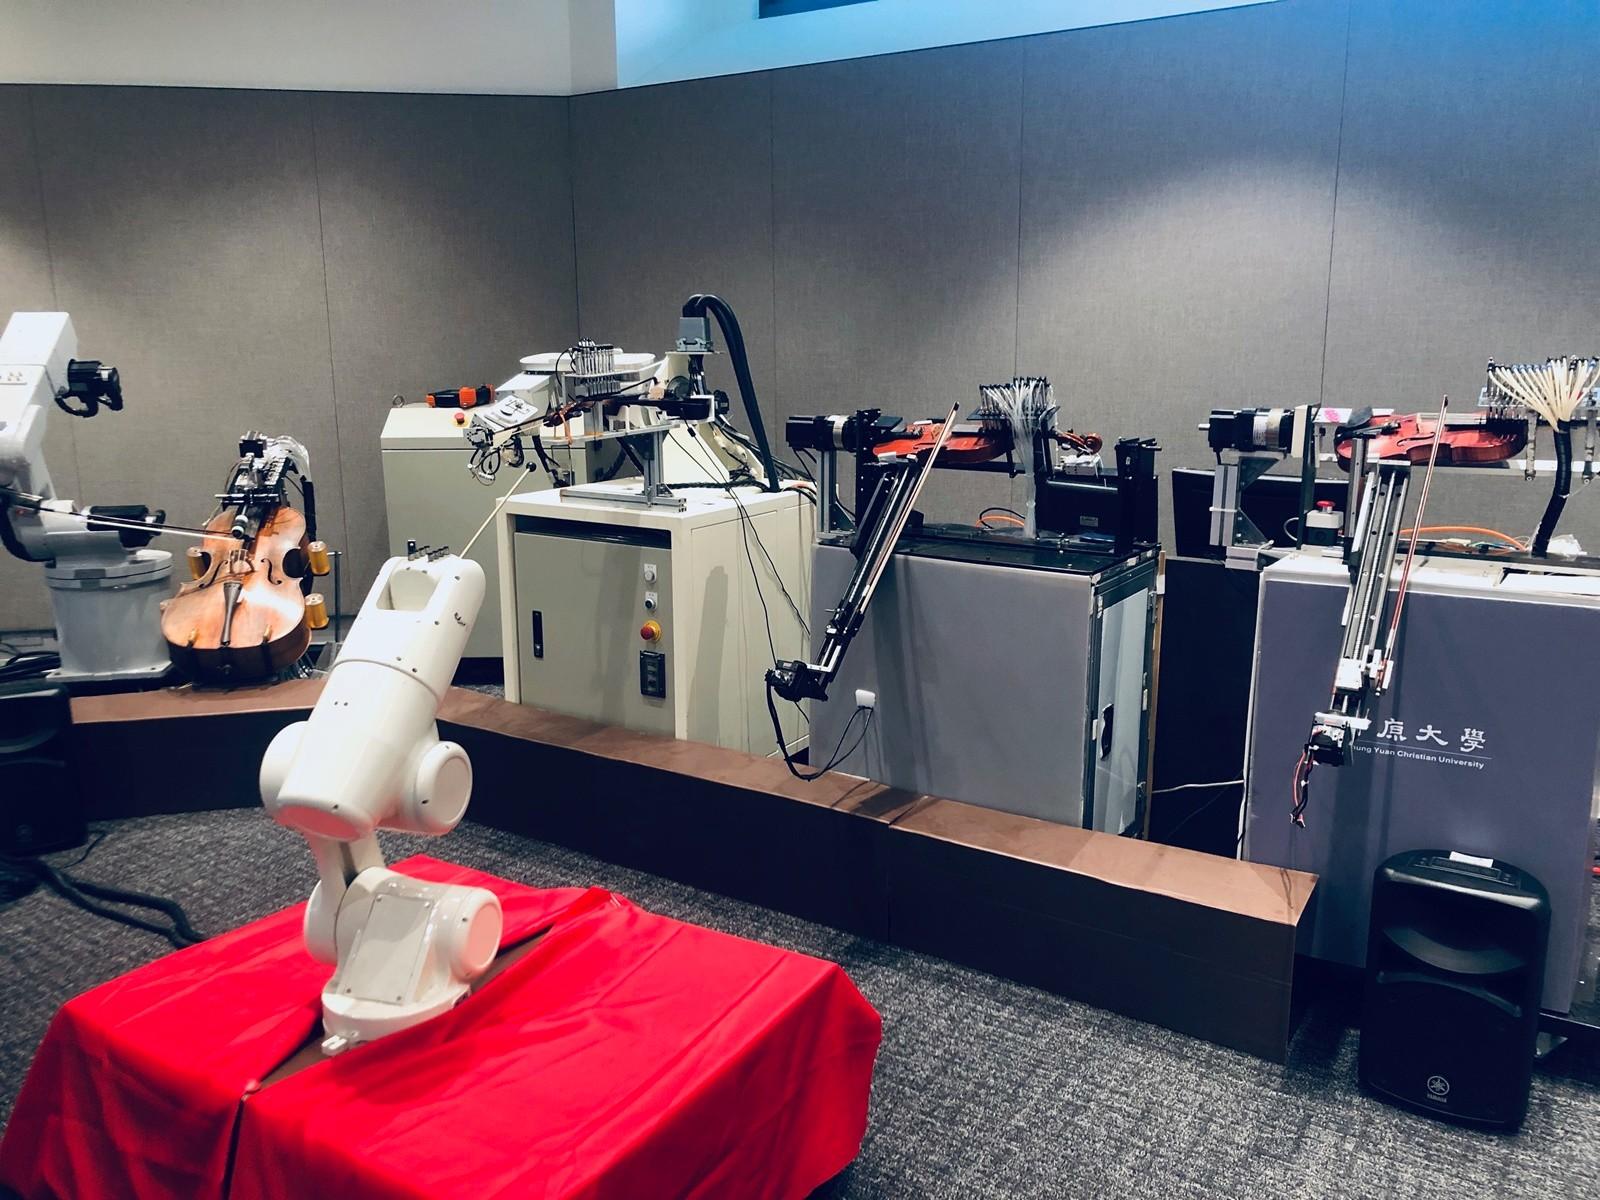 知行領航館一樓「林清機器人實驗室」.JPG